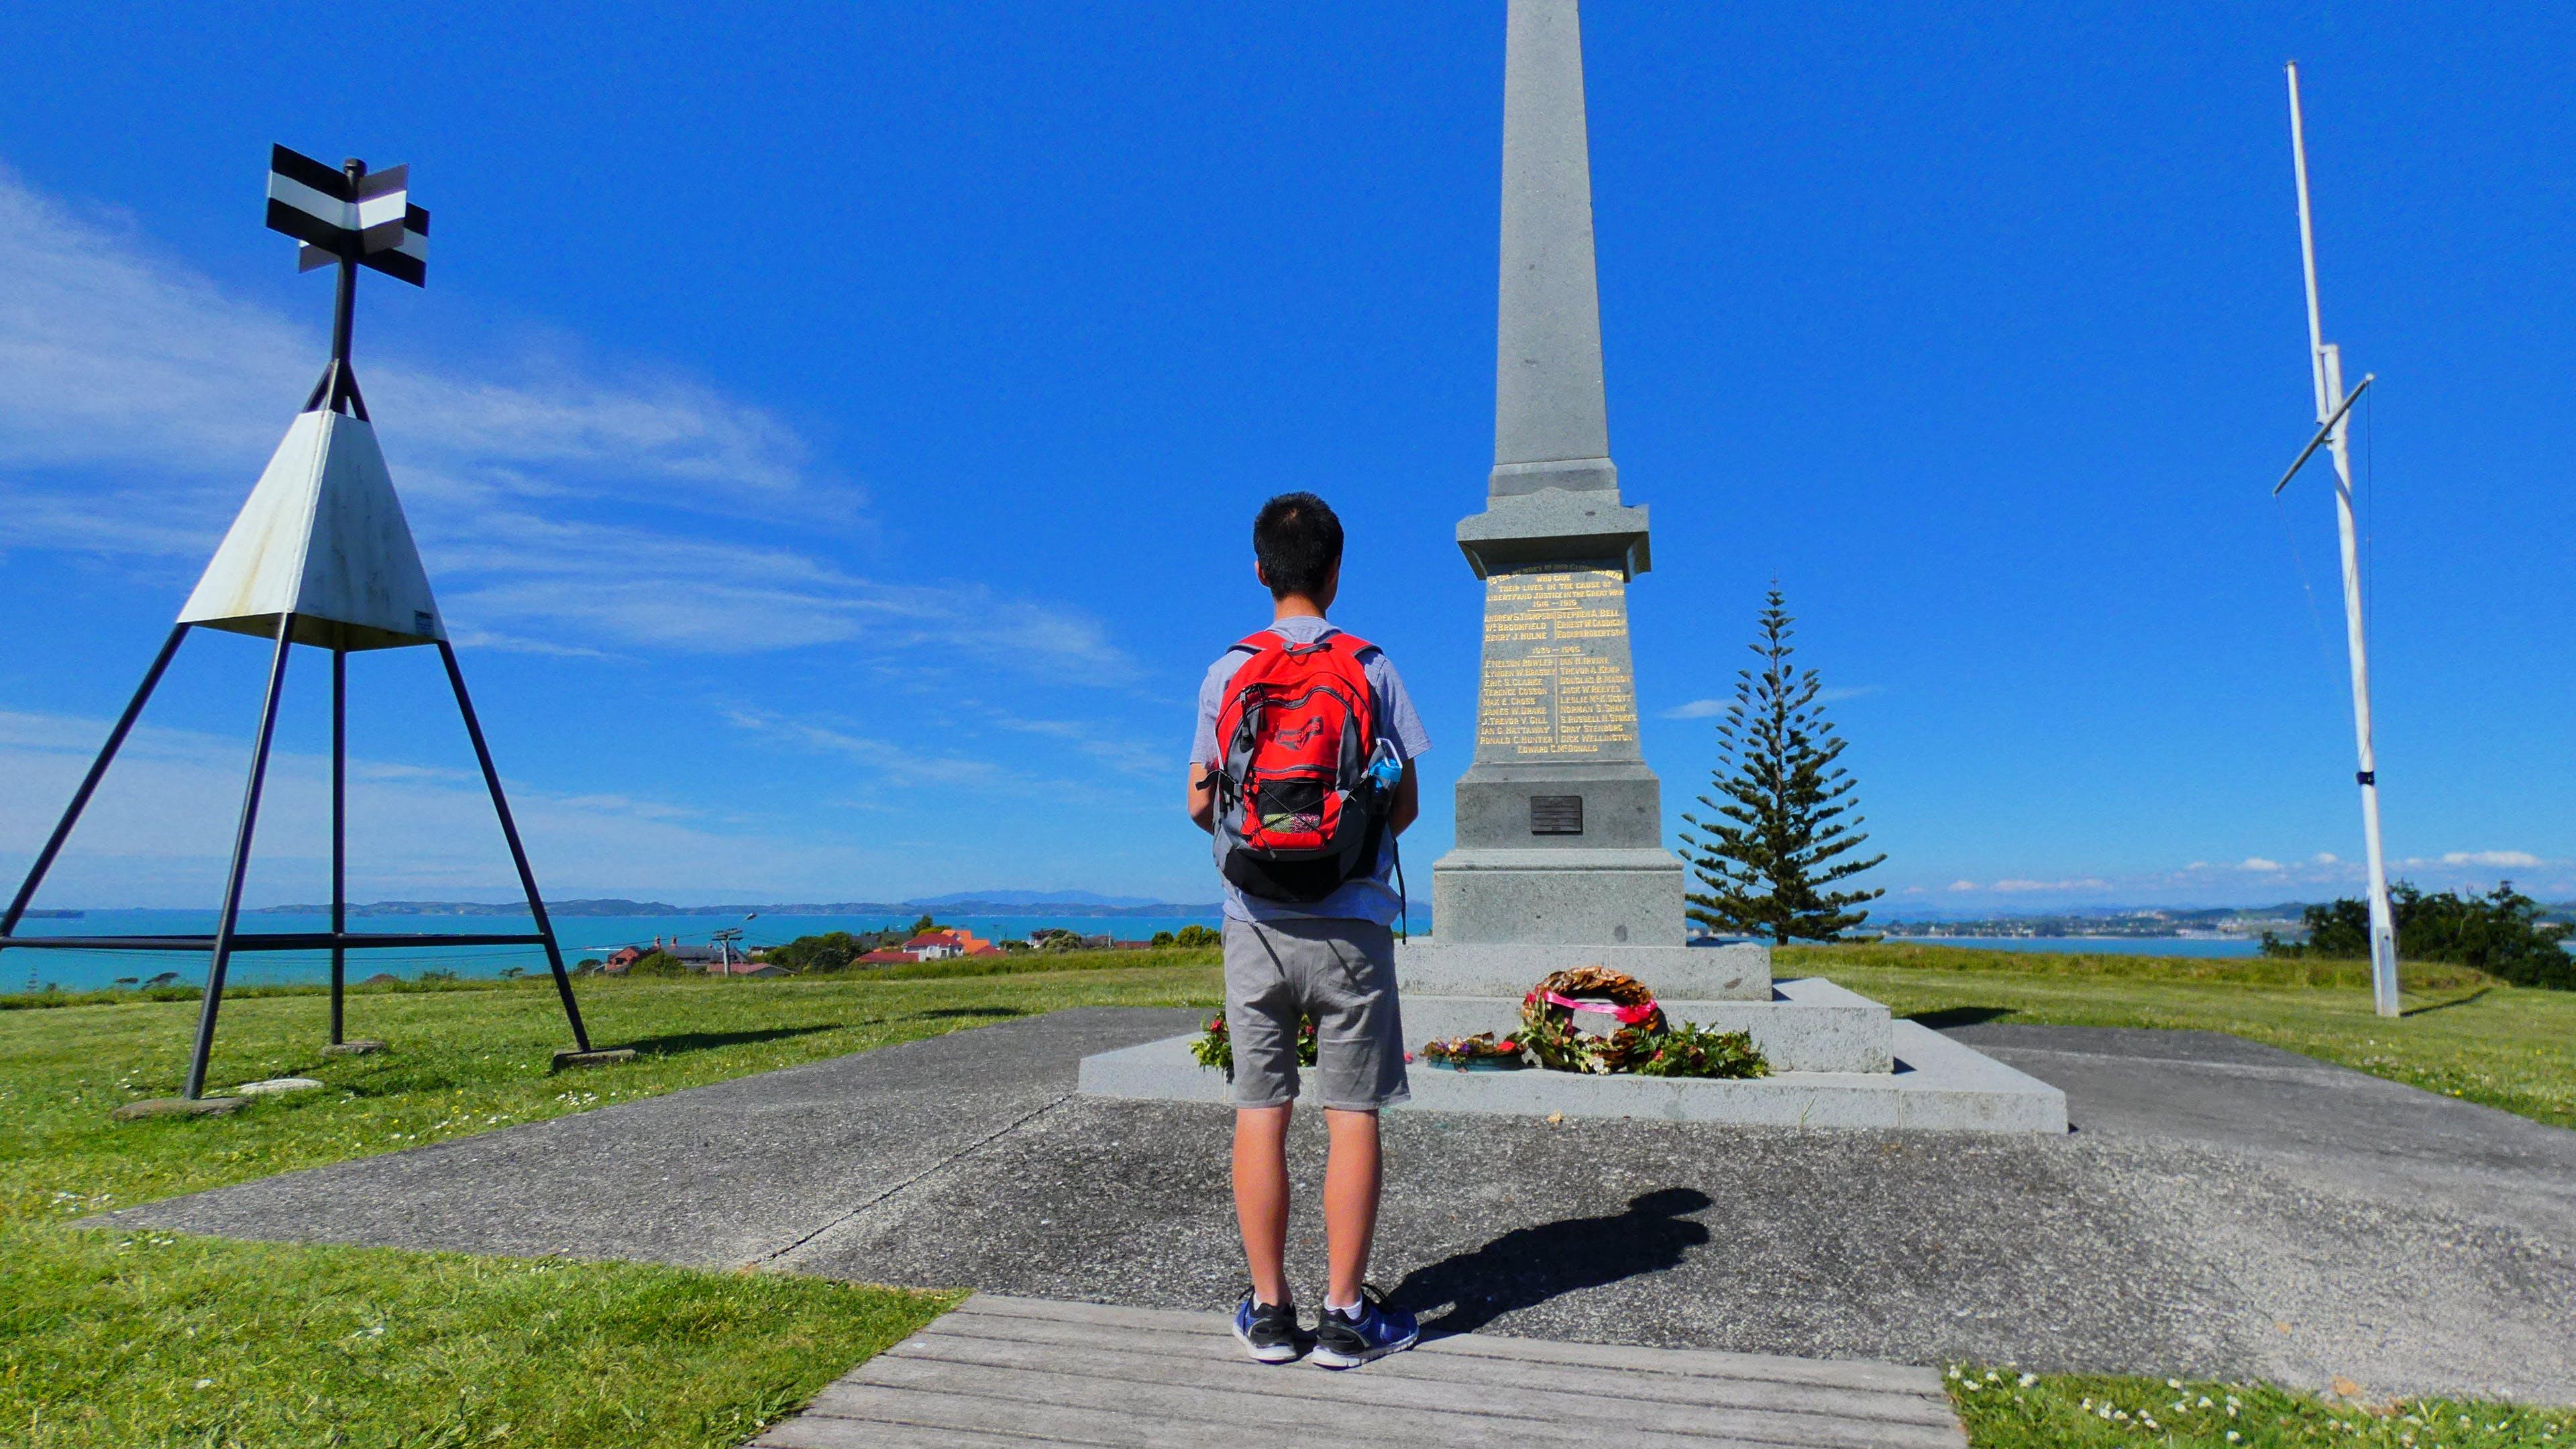 Δωρεάν στοκ φωτογραφιών με μνημείο, πάρκο